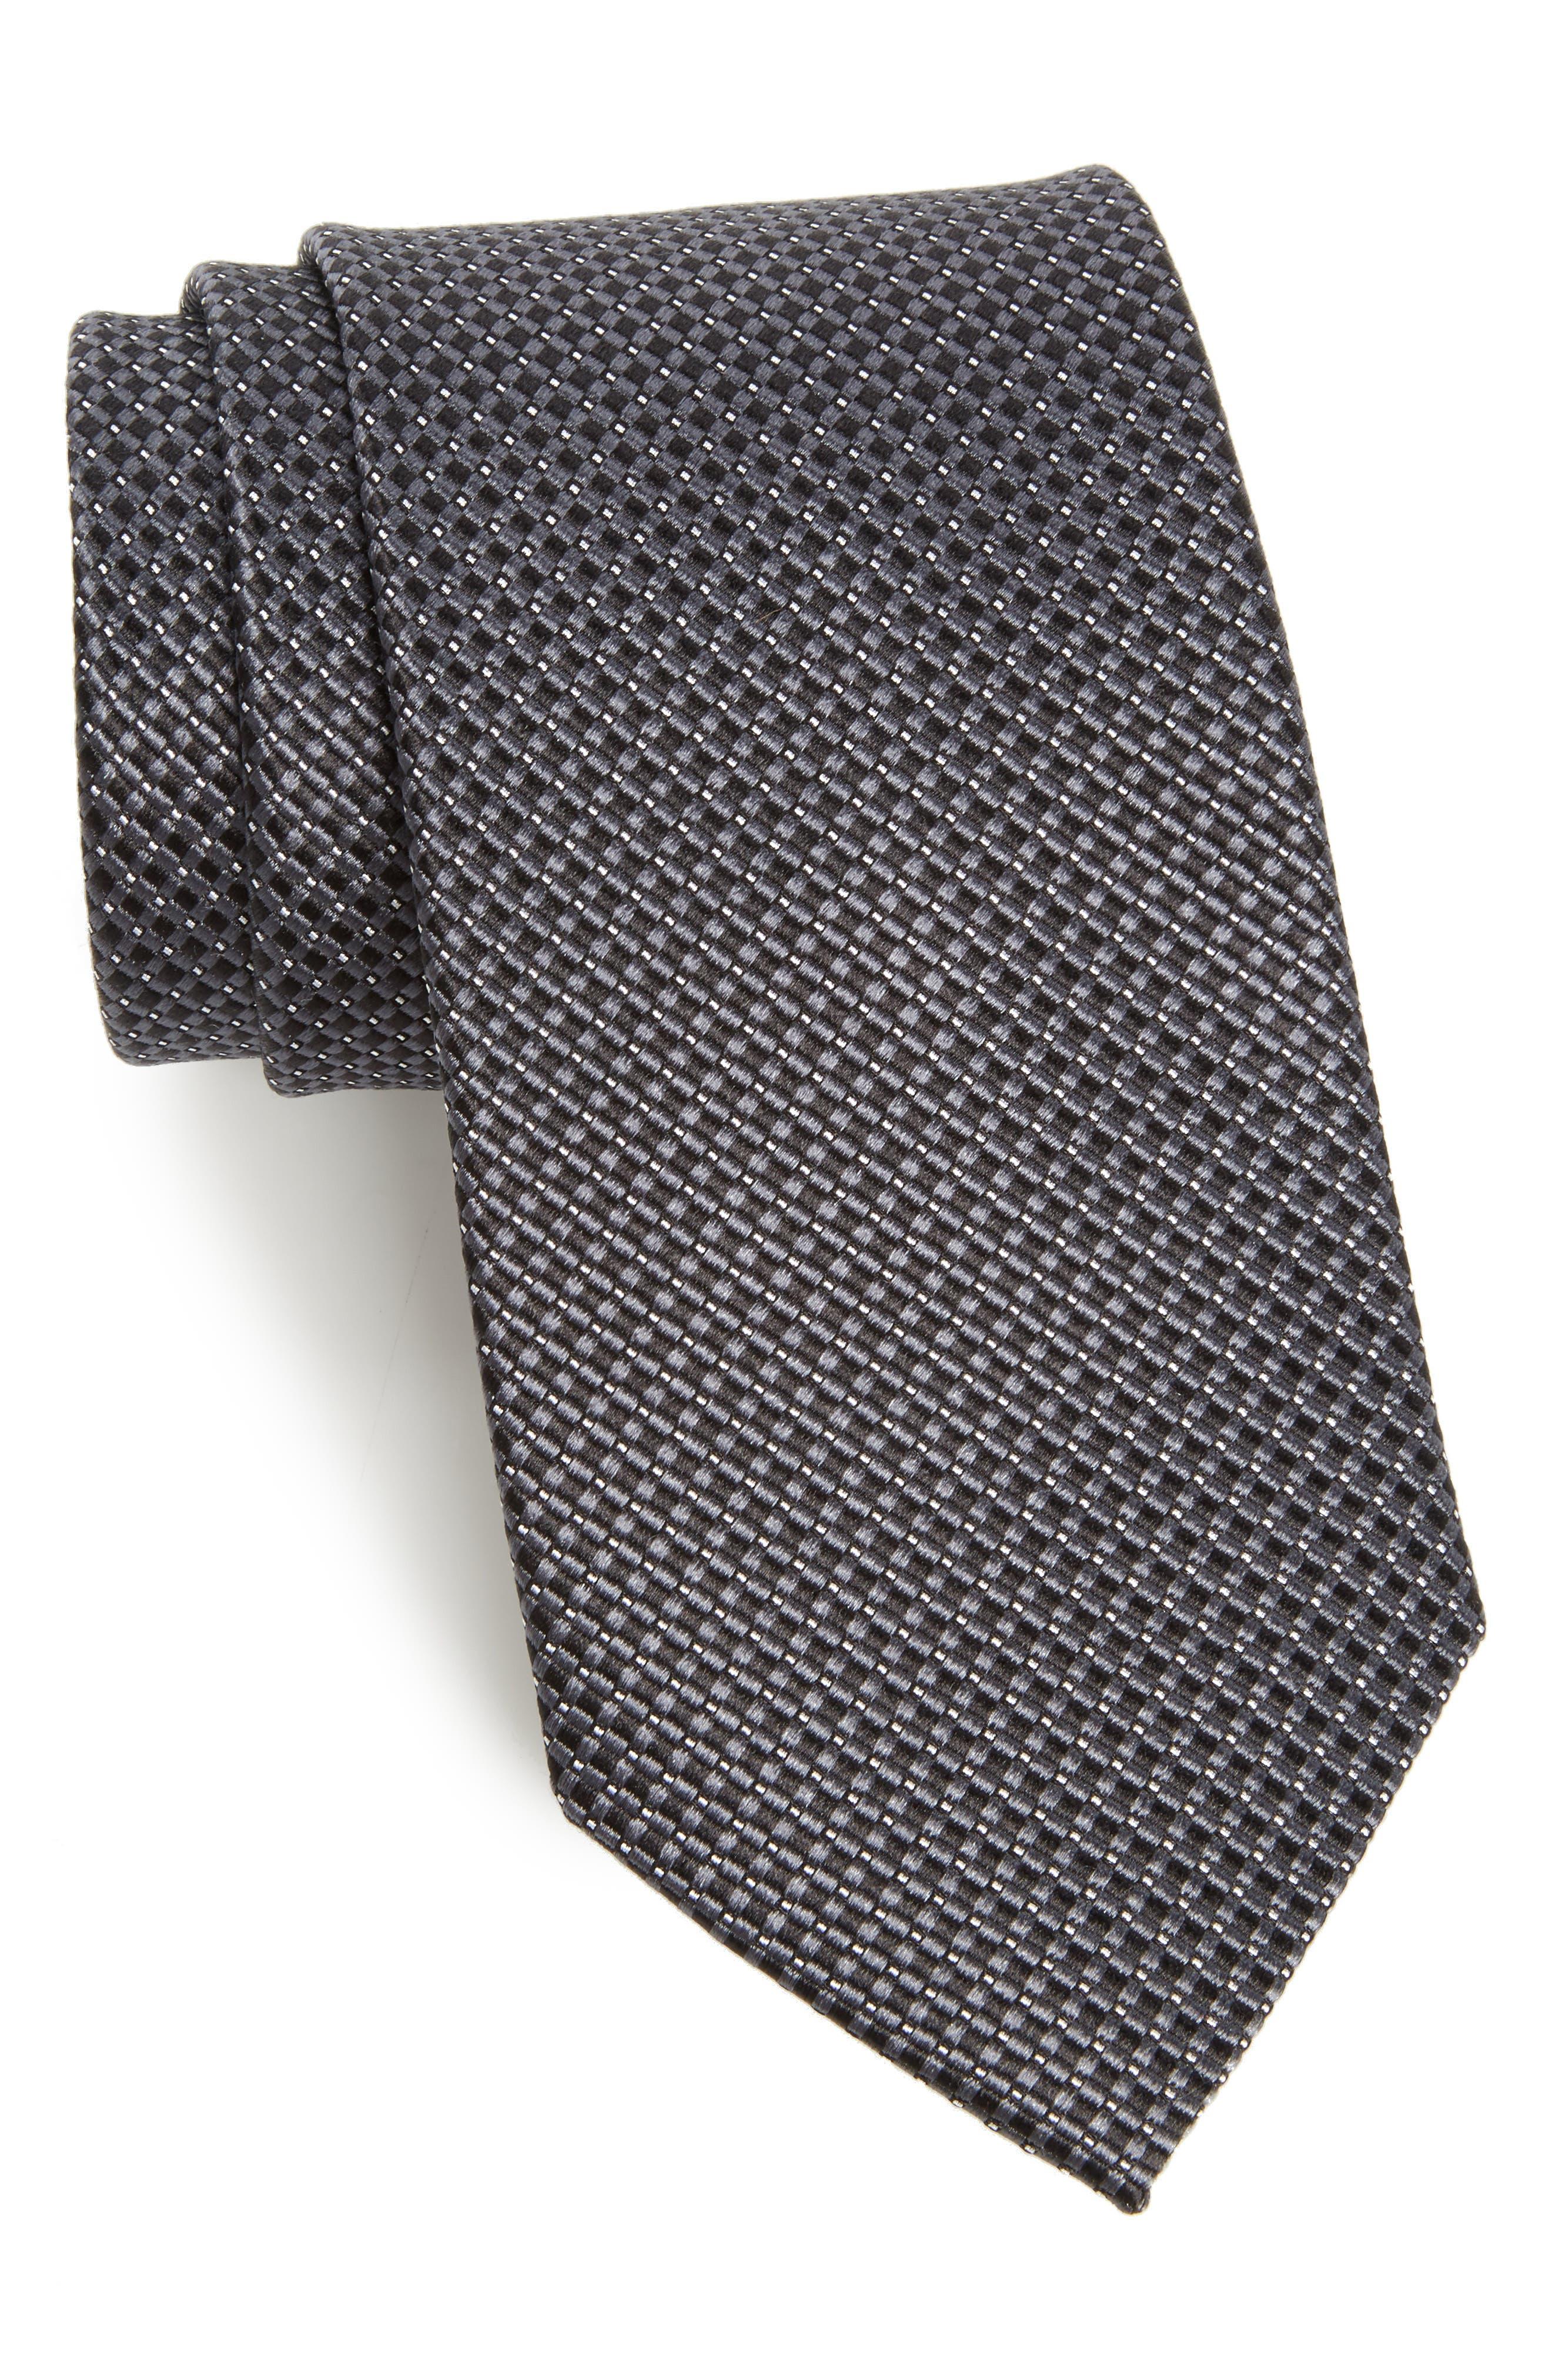 NORDSTROM MEN'S SHOP Microgrid Silk Tie, Main, color, BLACK